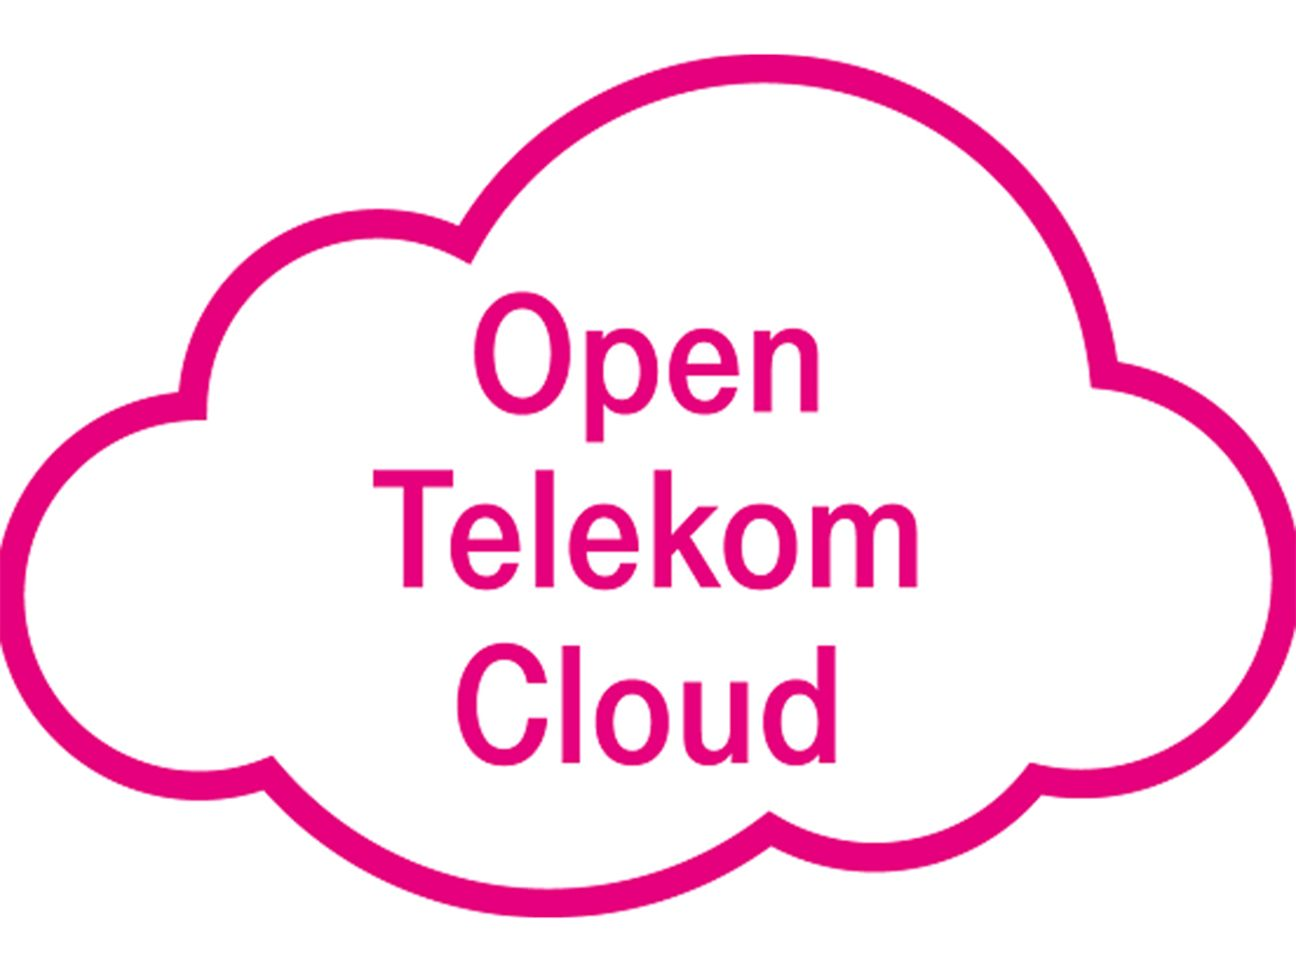 OpenTelekomCloud.jpg